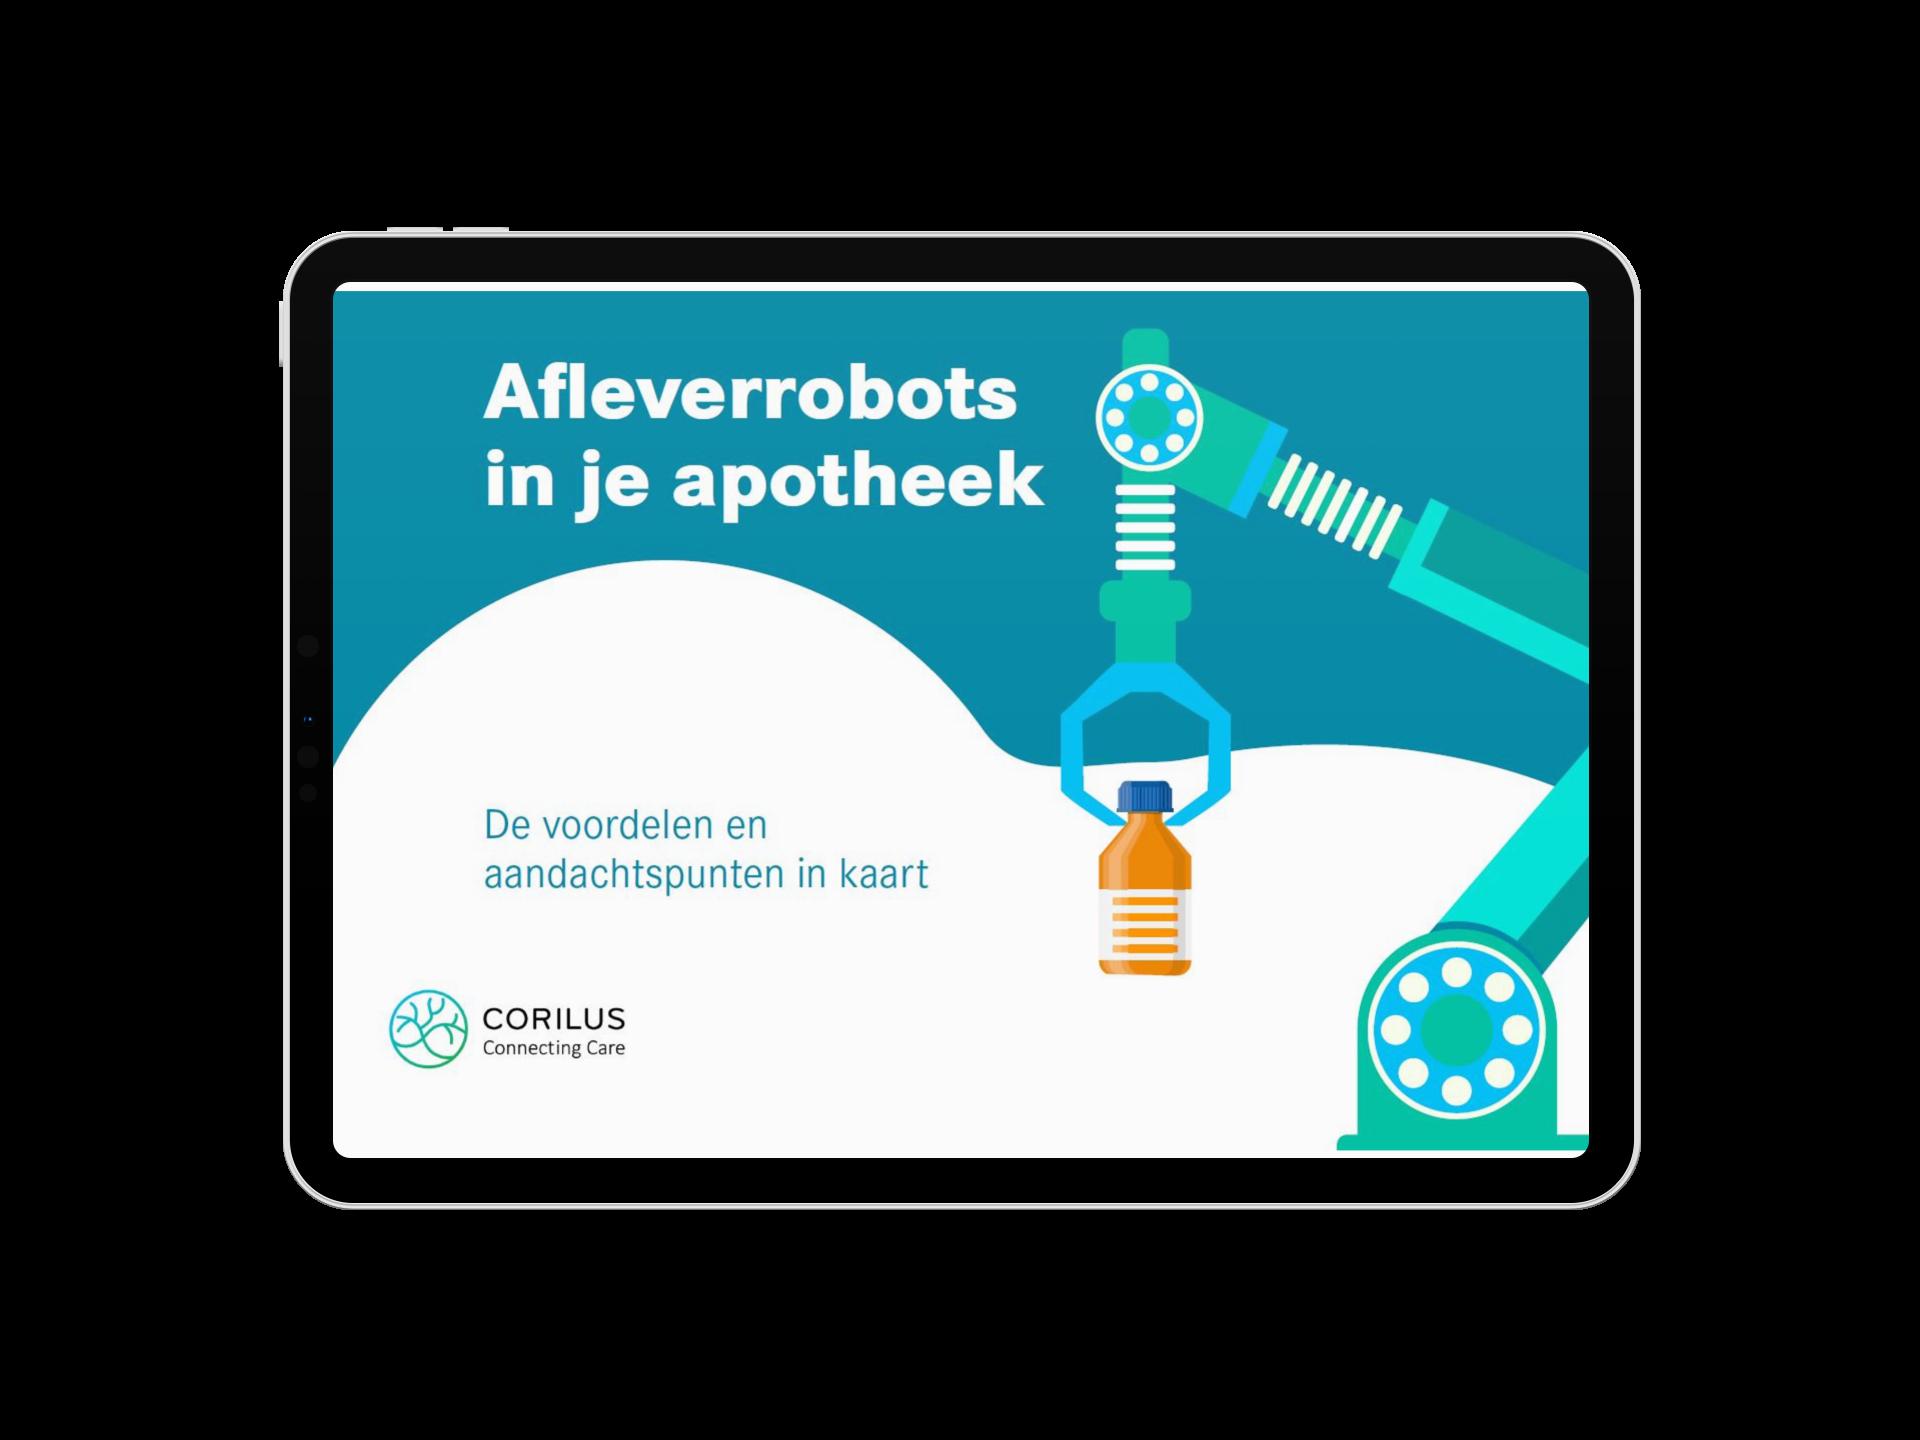 mockup-ebook-afleverrobots-tandarts-nl